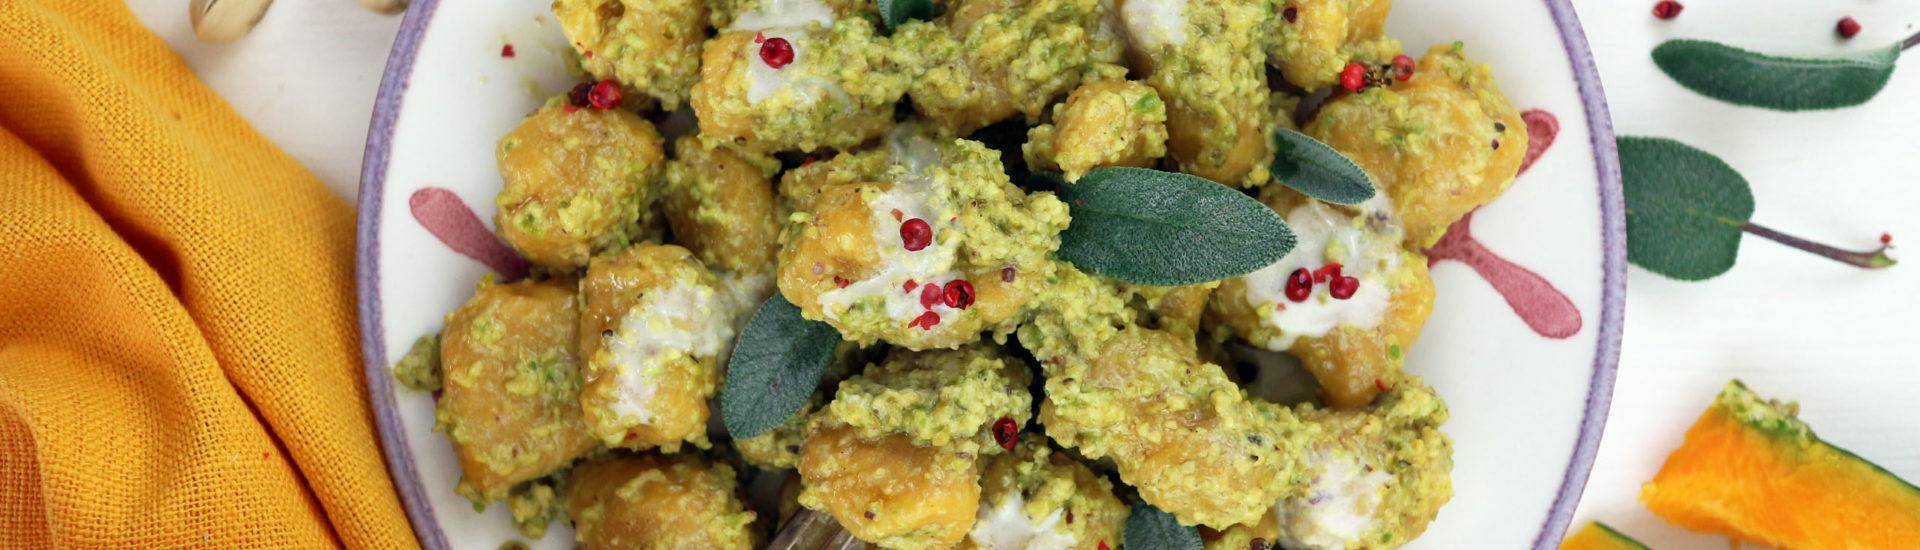 gnocchi di zucca vegan senza patate